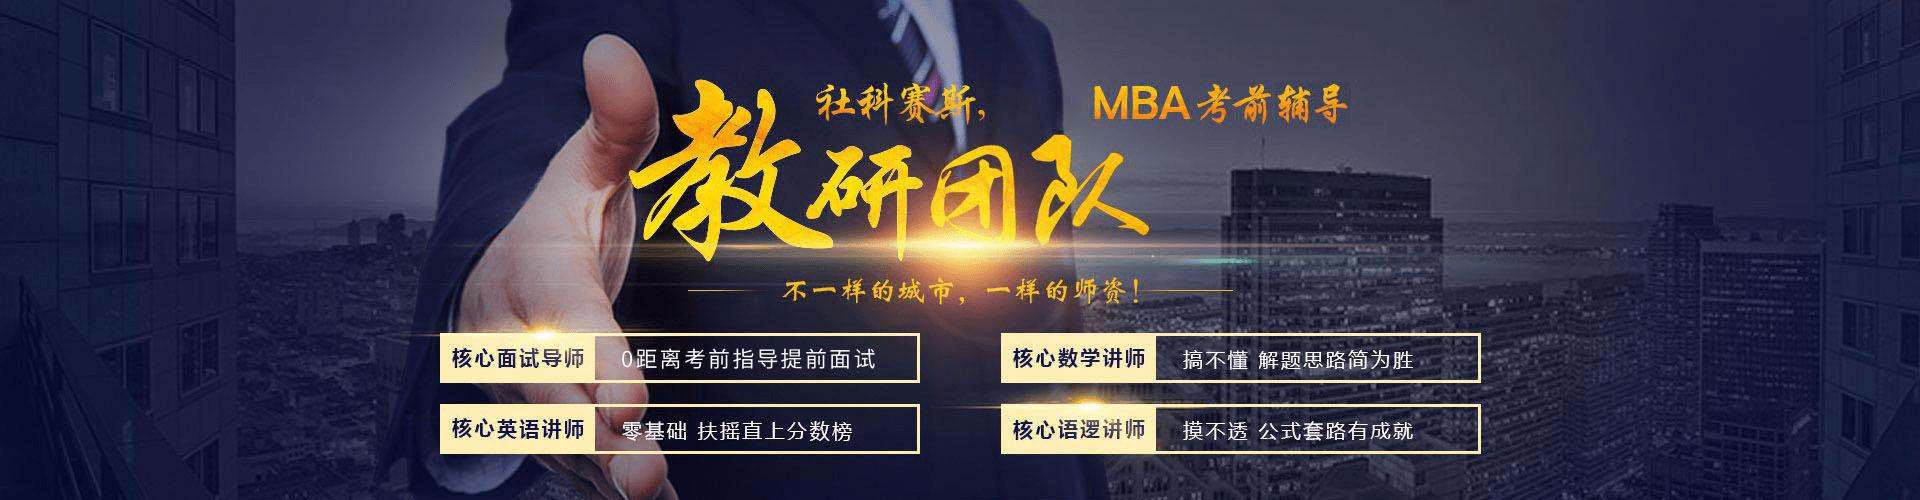 杭州emba教育培训中心